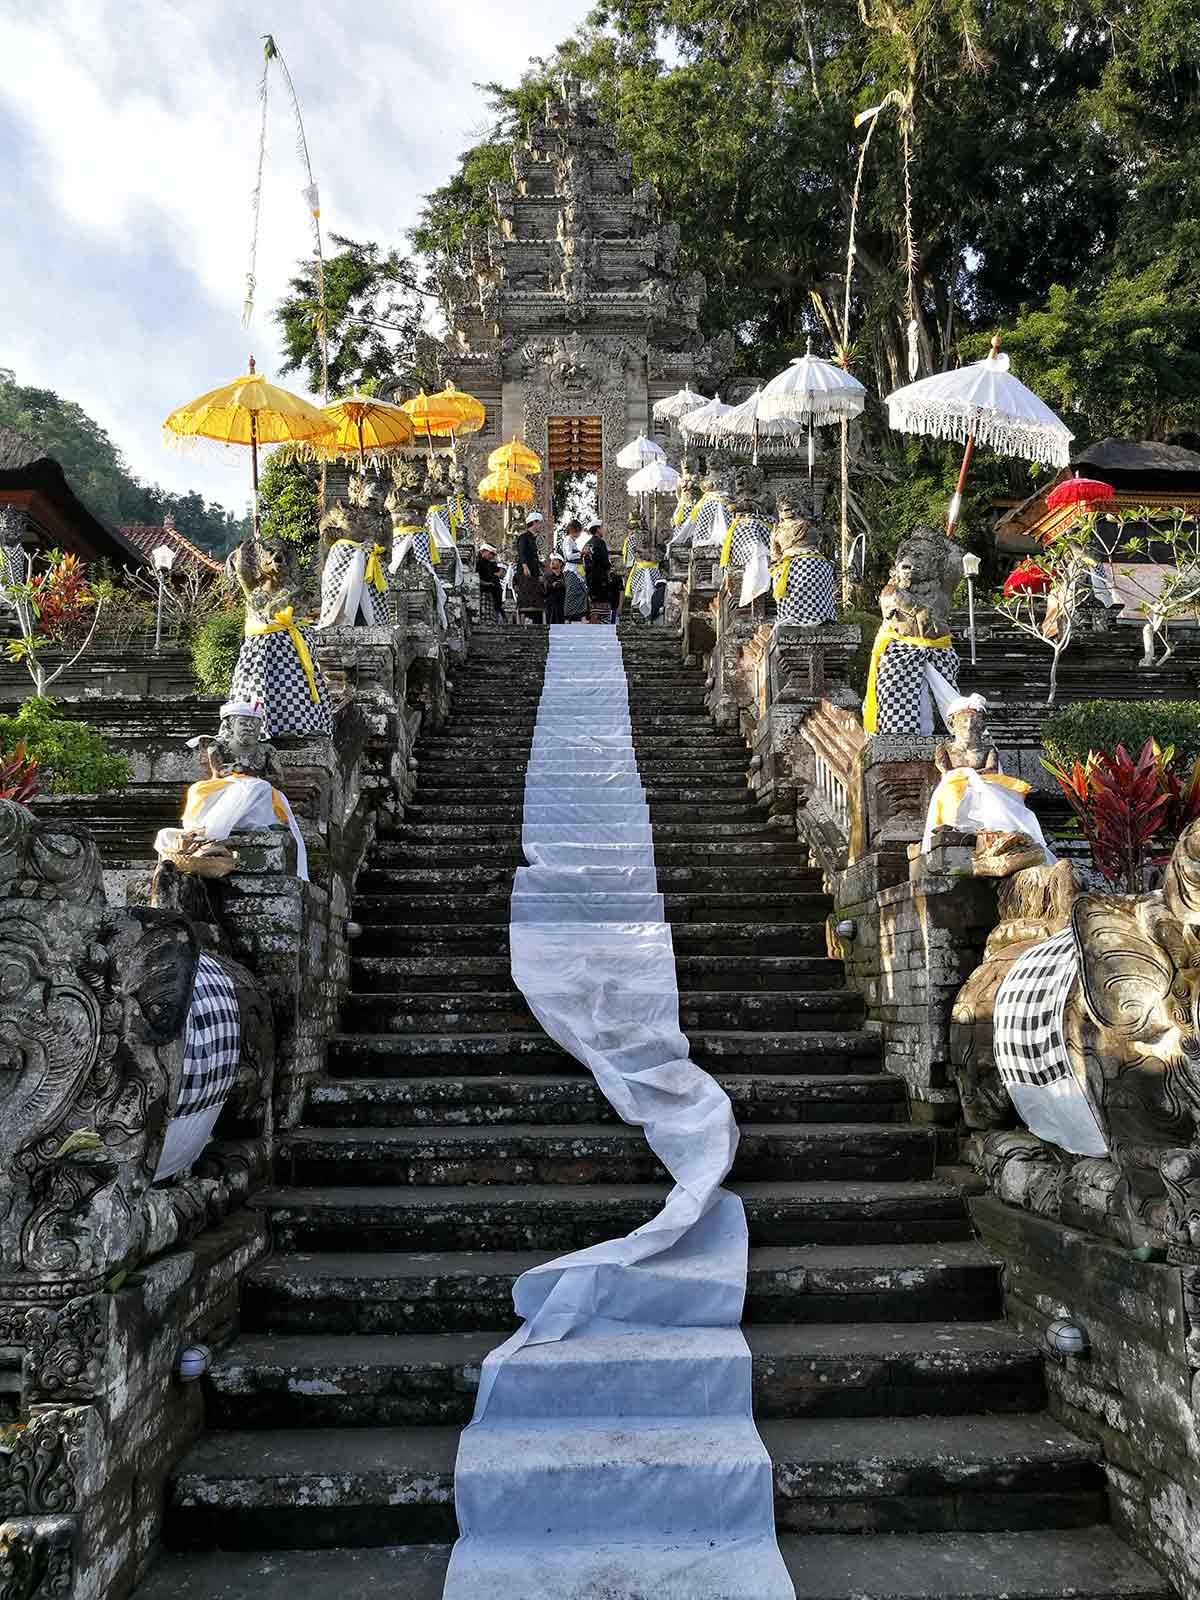 La scalinata all'ingresso del tempio di Pura Kehen